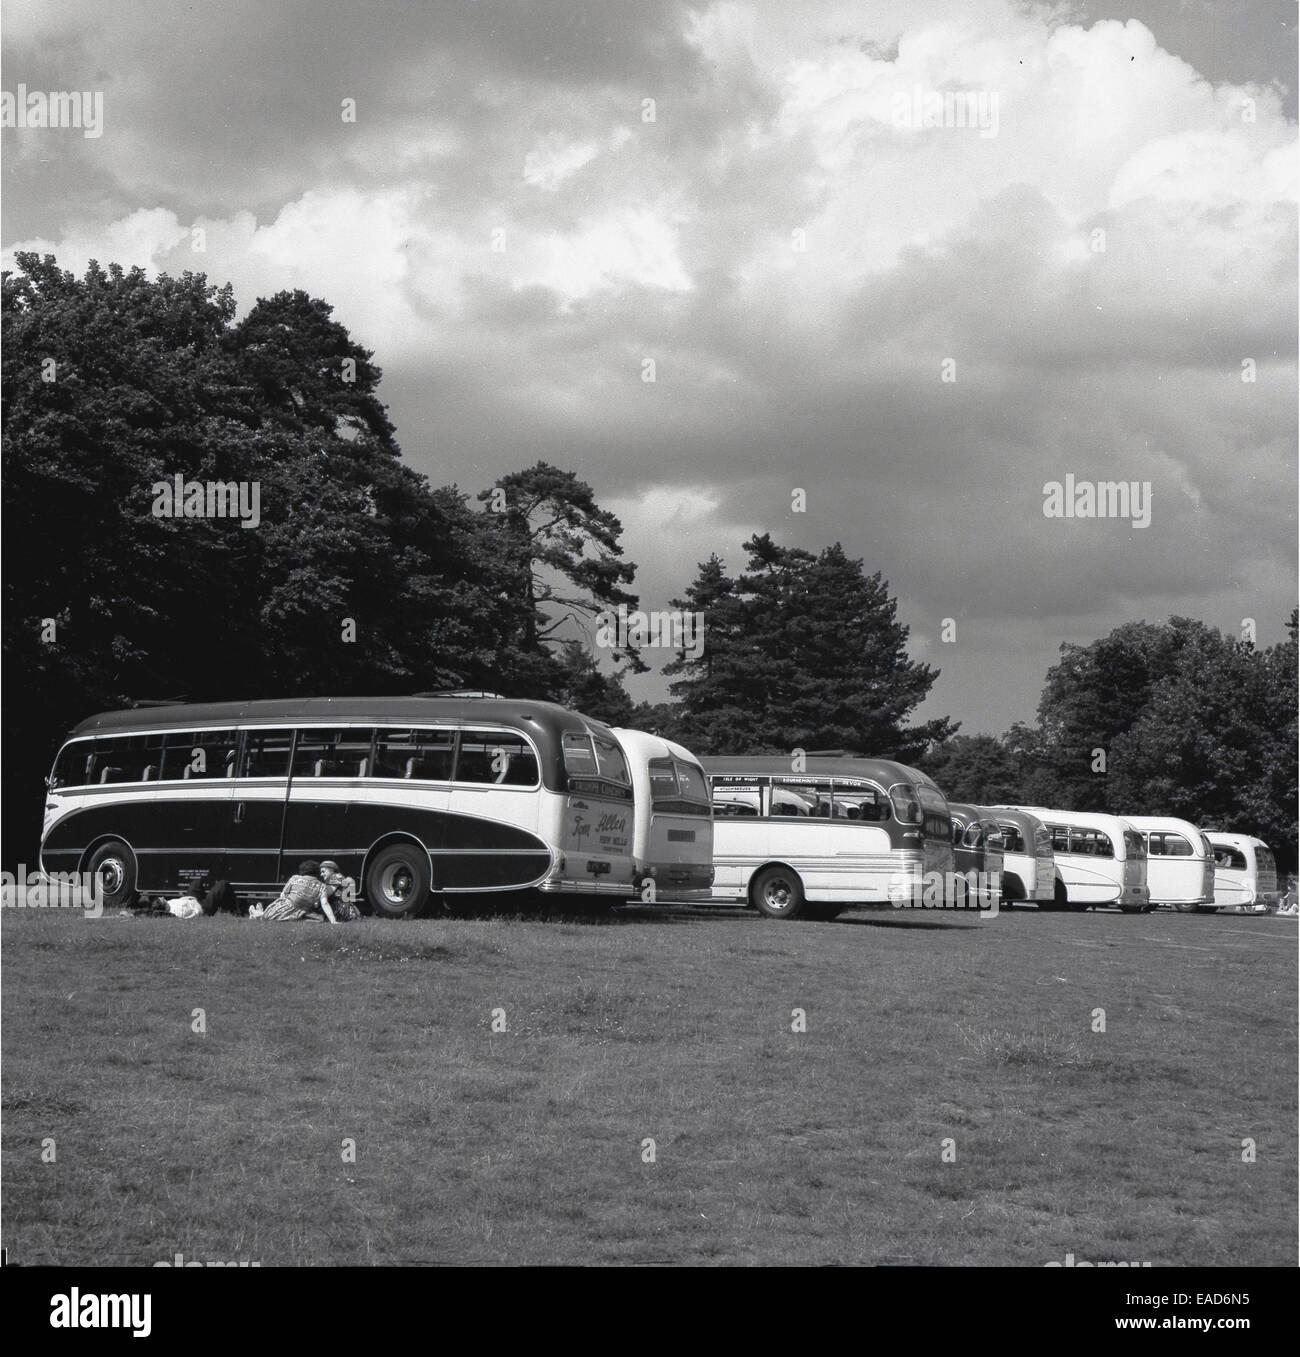 Historique. Années 1950, la ligne d'autocars de tourisme dans un champ. Photo Stock